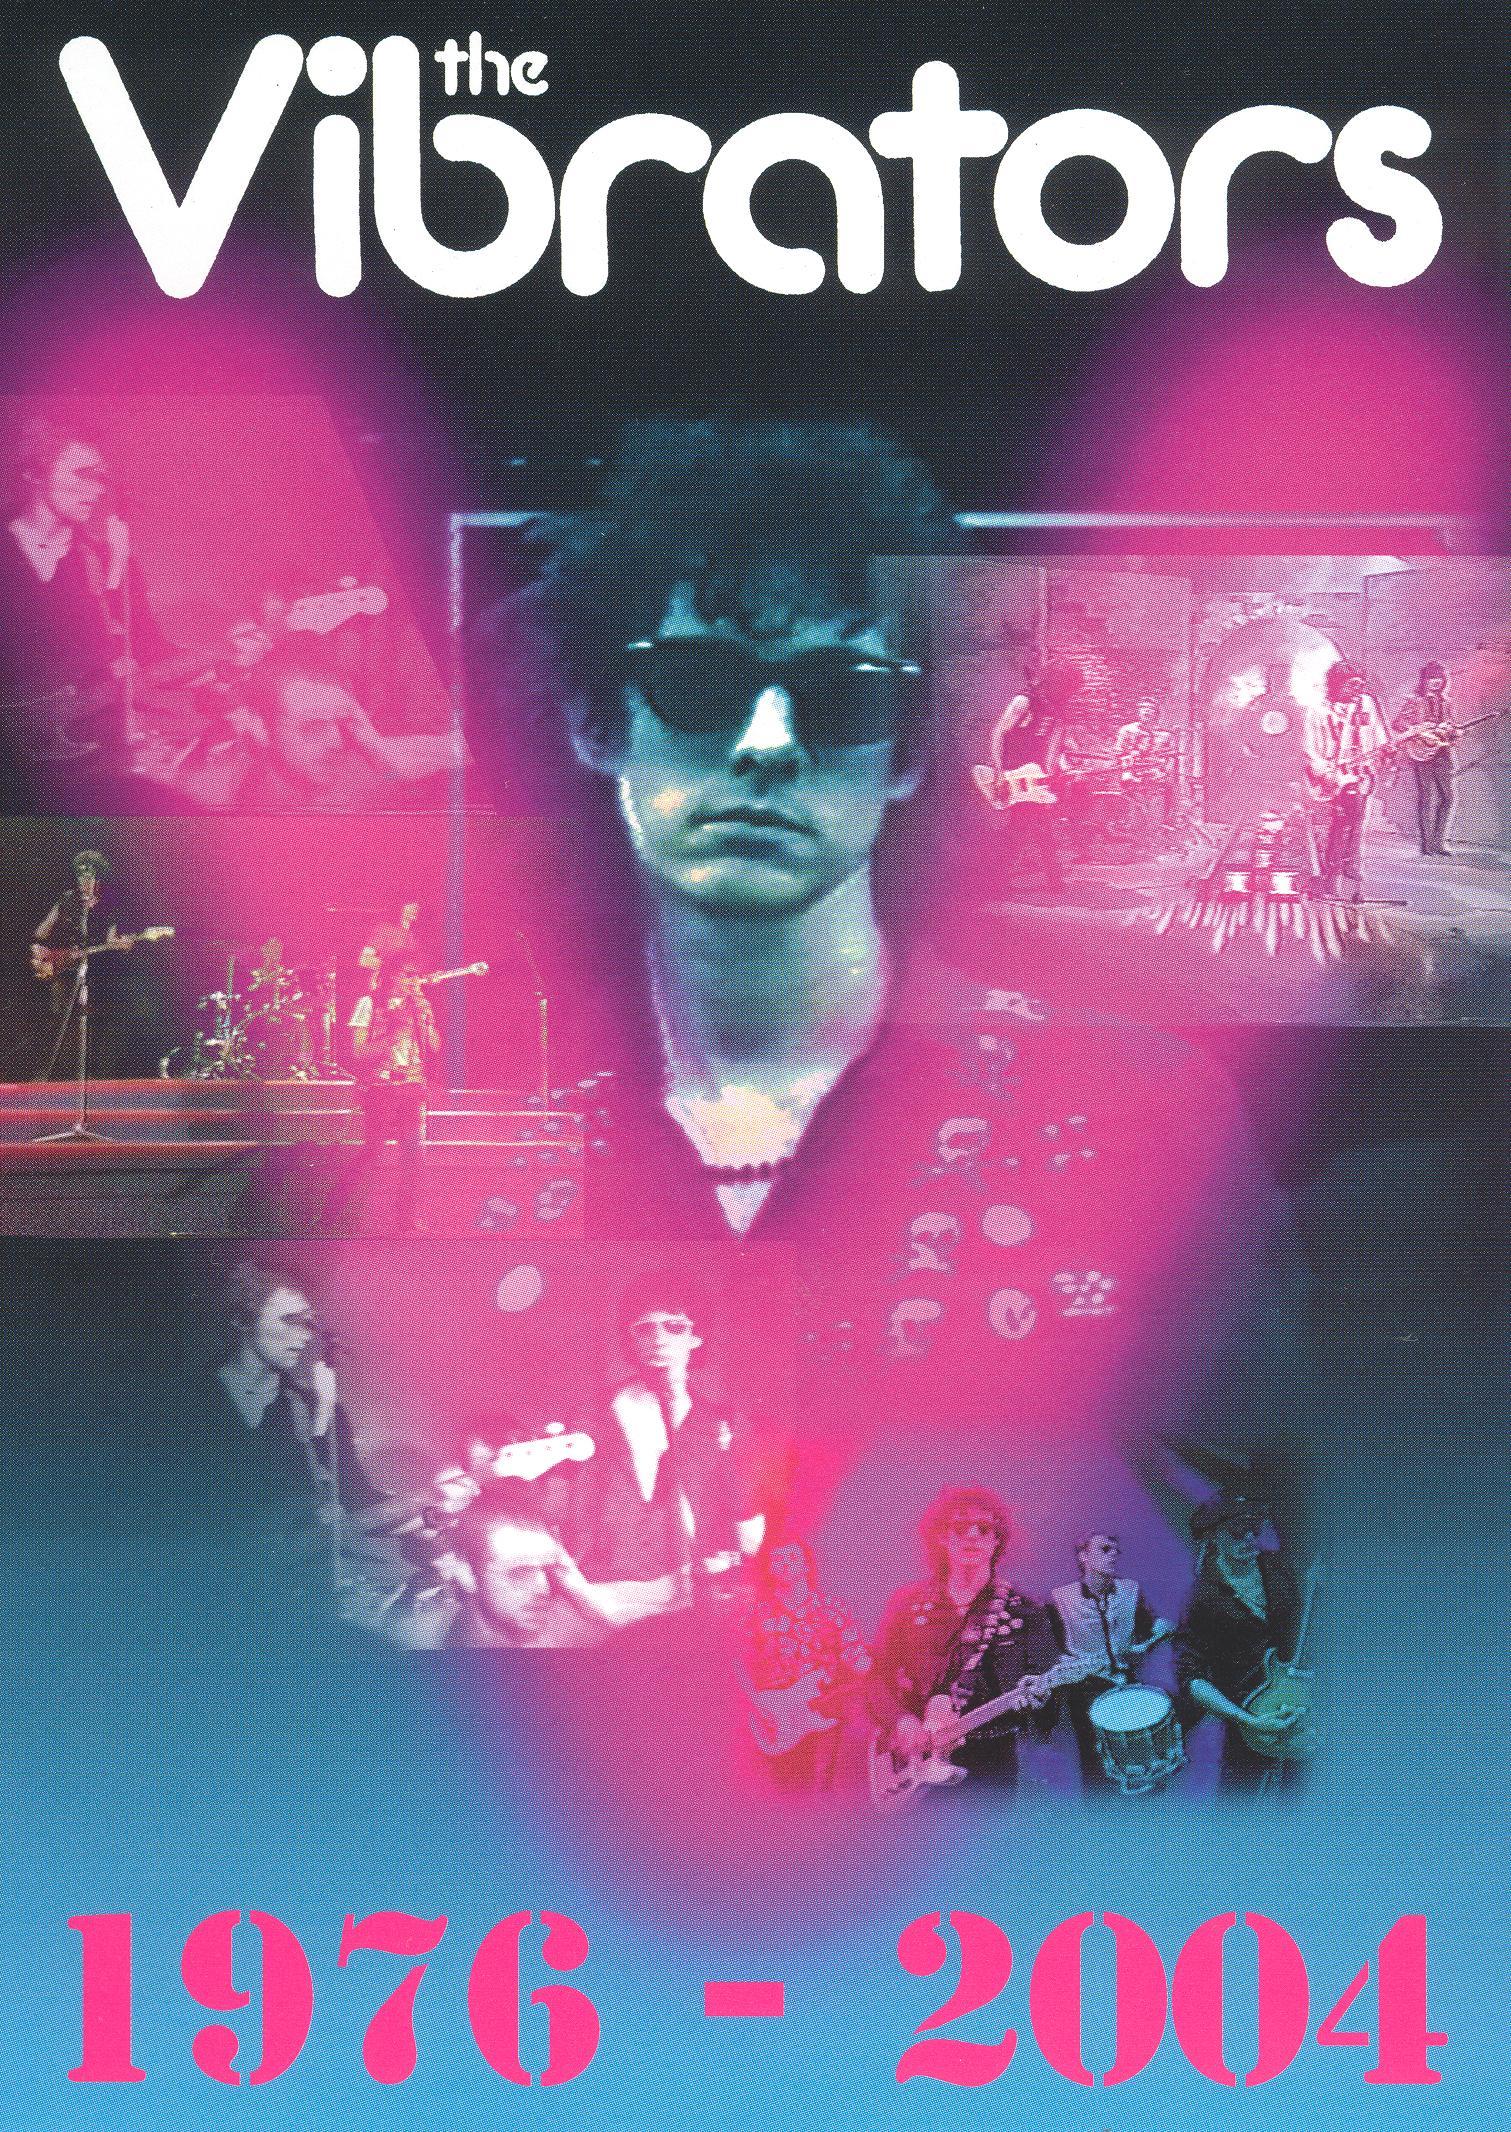 The Vibrators: 1976-2004